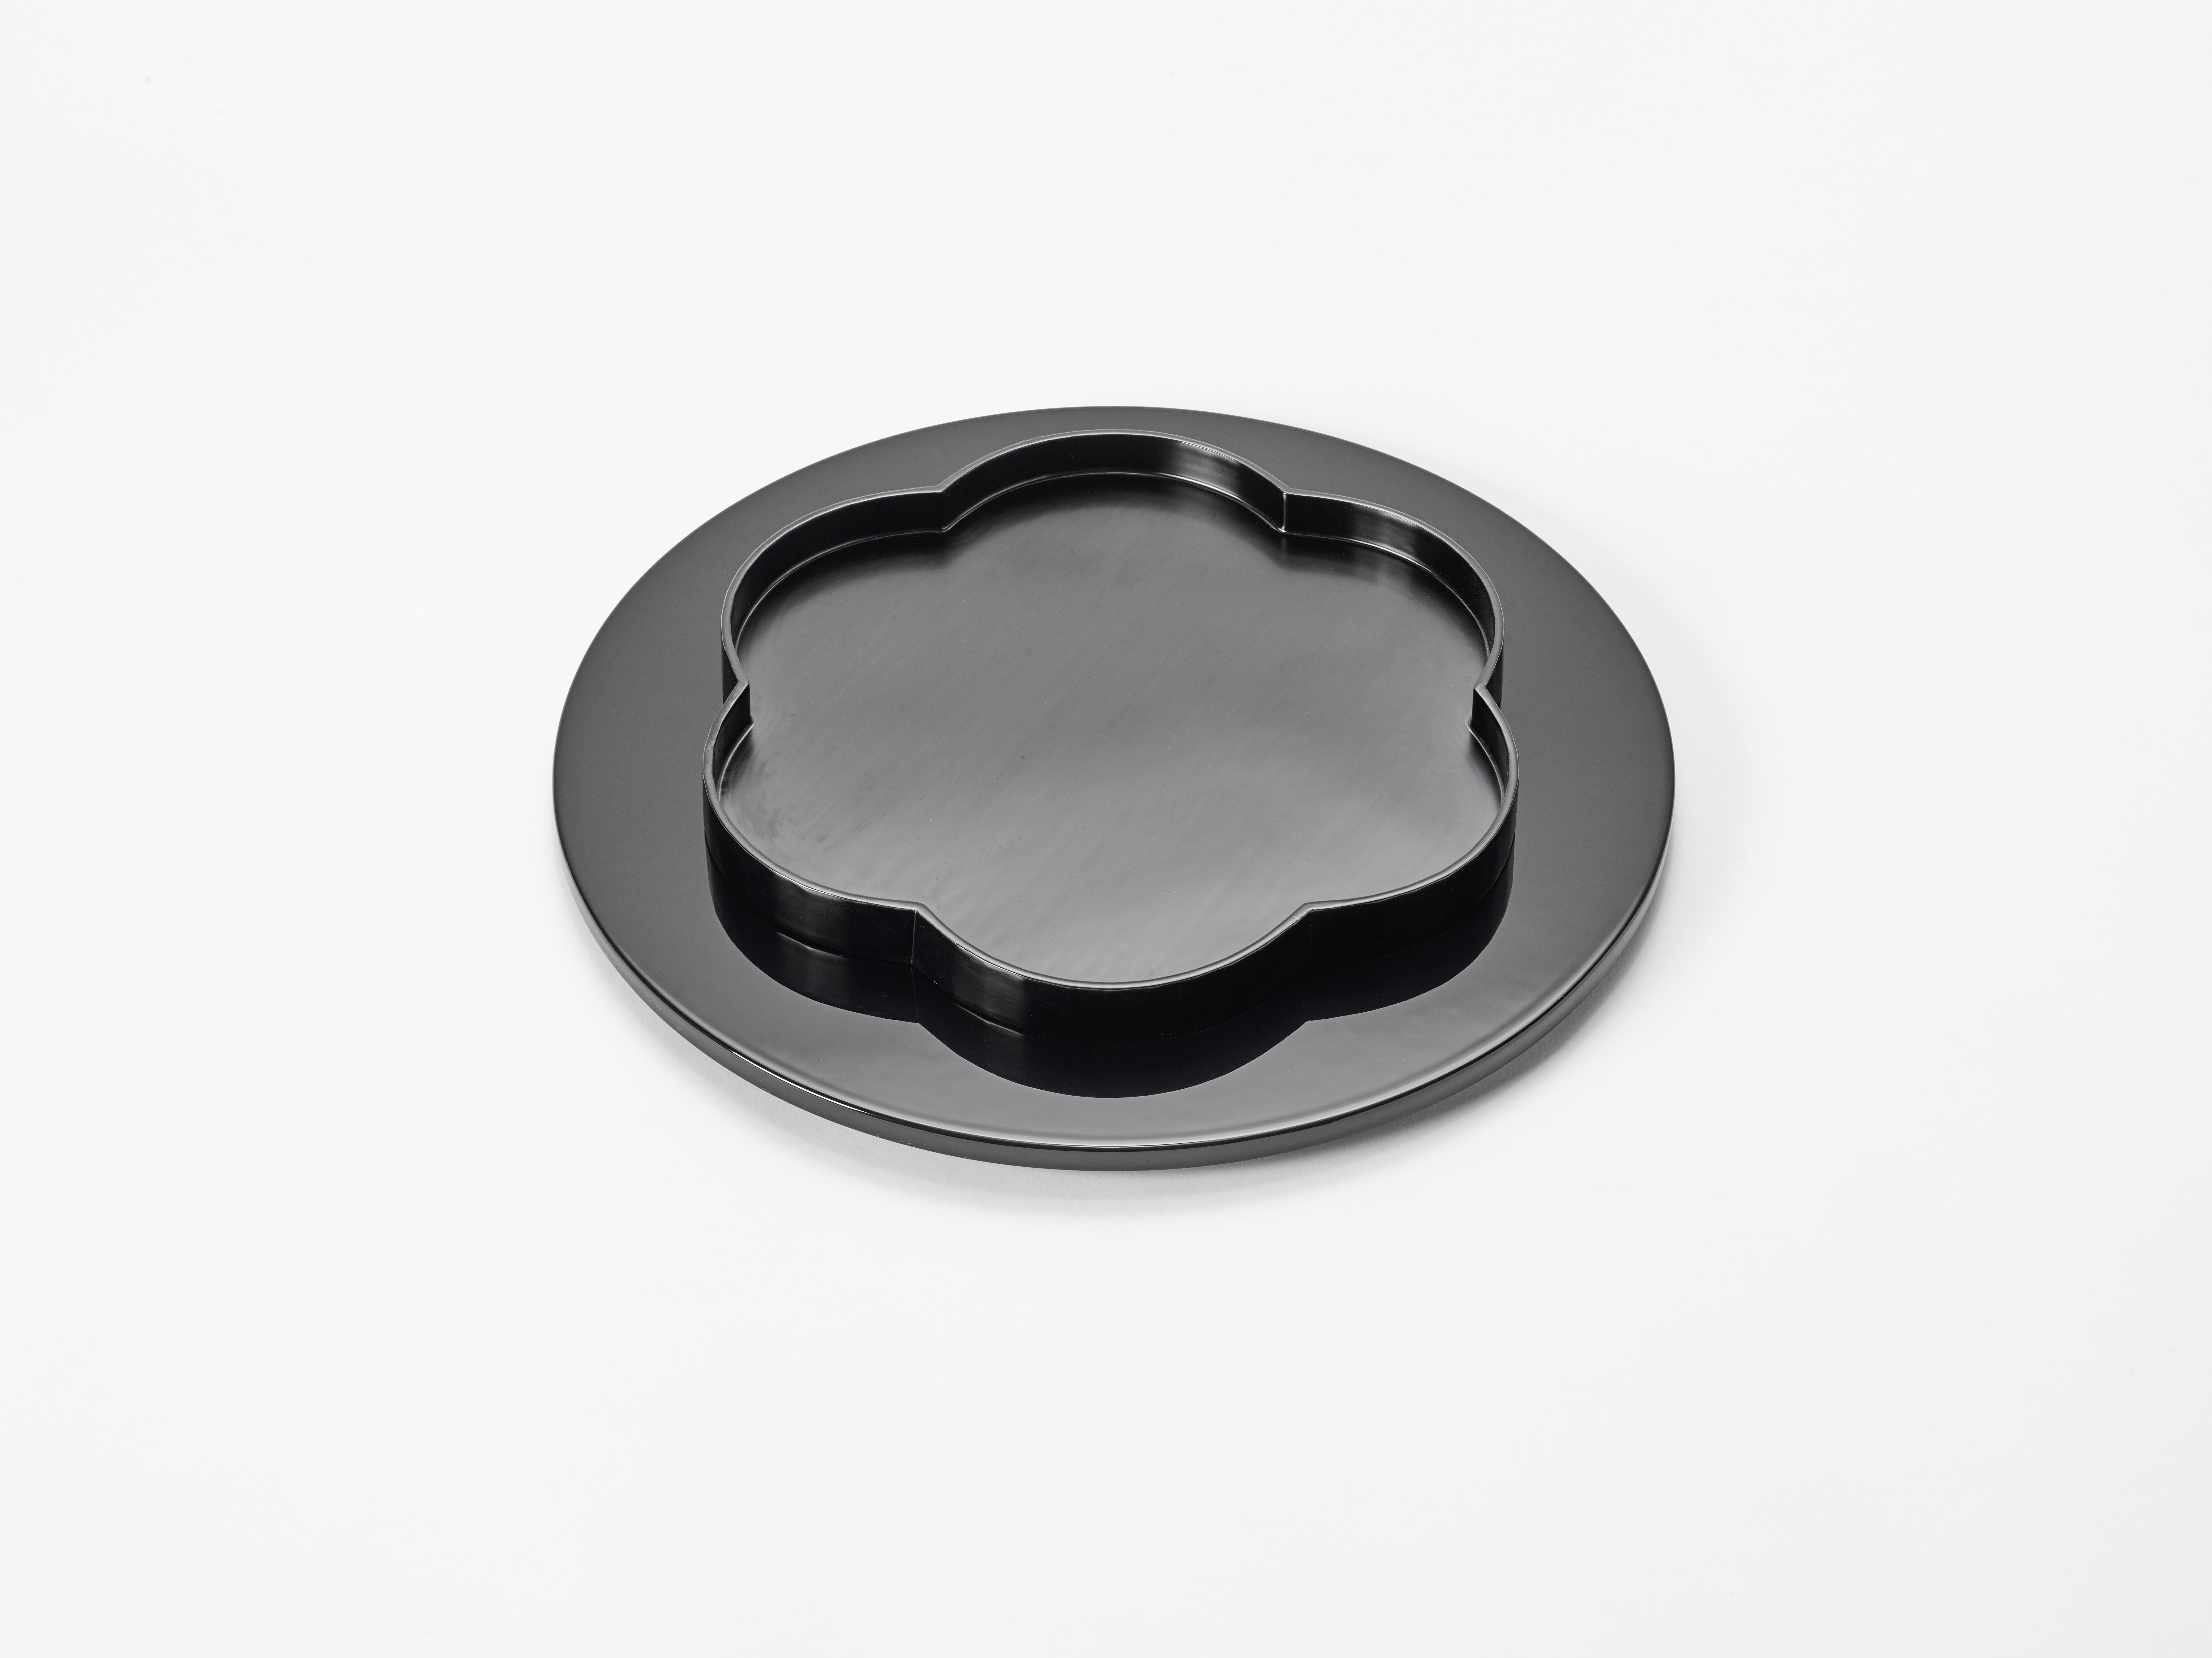 3. Margareta Daepp: Schwarze Blume auf Kreis, 2016